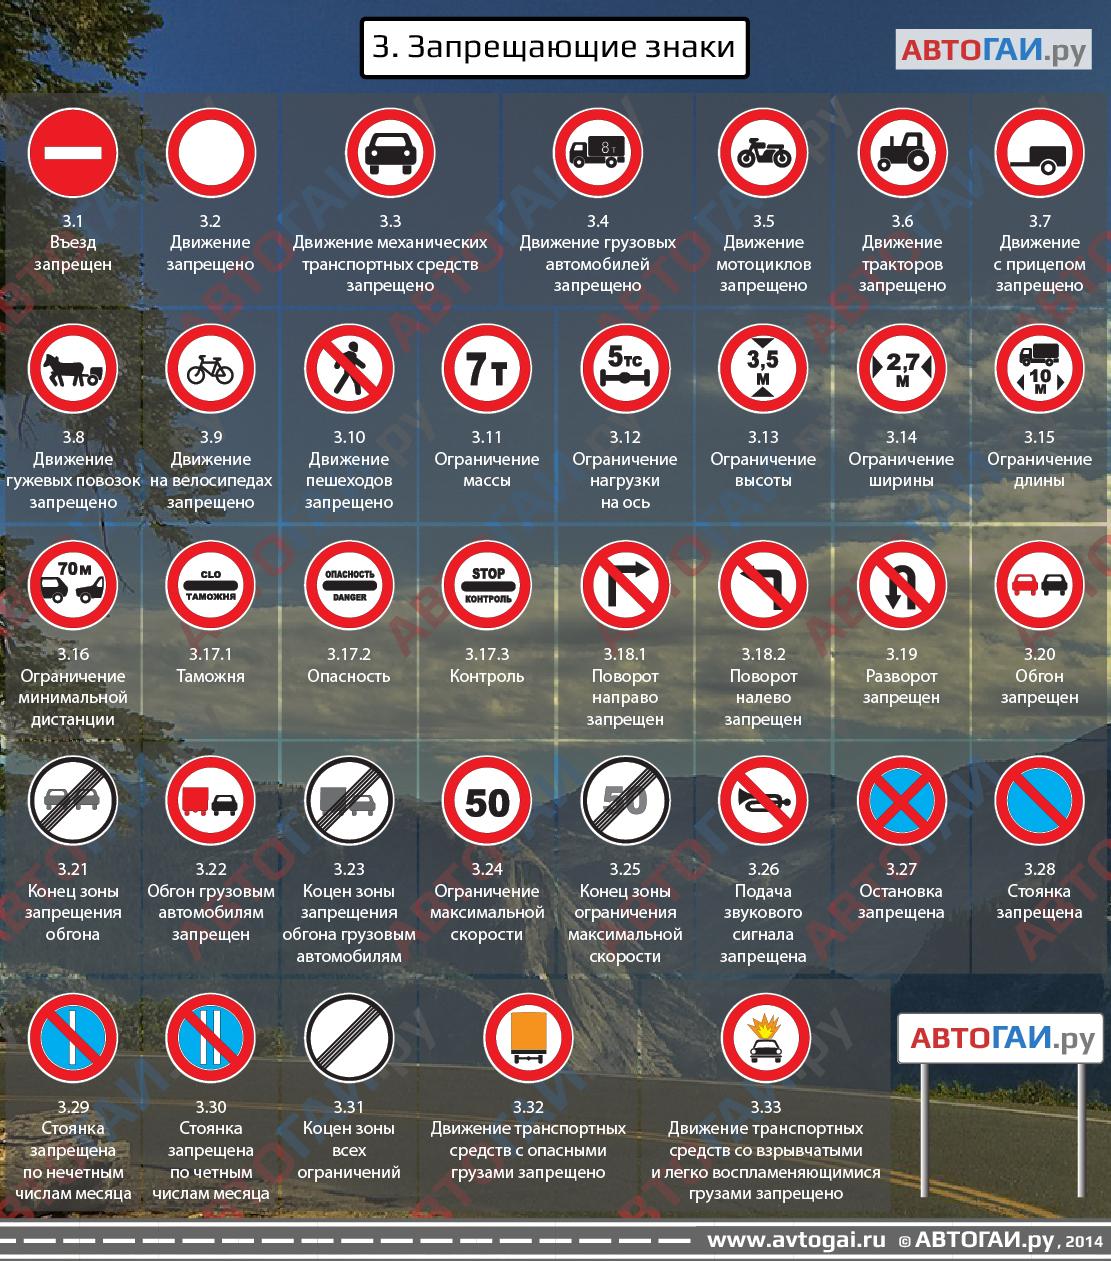 знаки дорожного движения фото с описанием пожалуйста, про